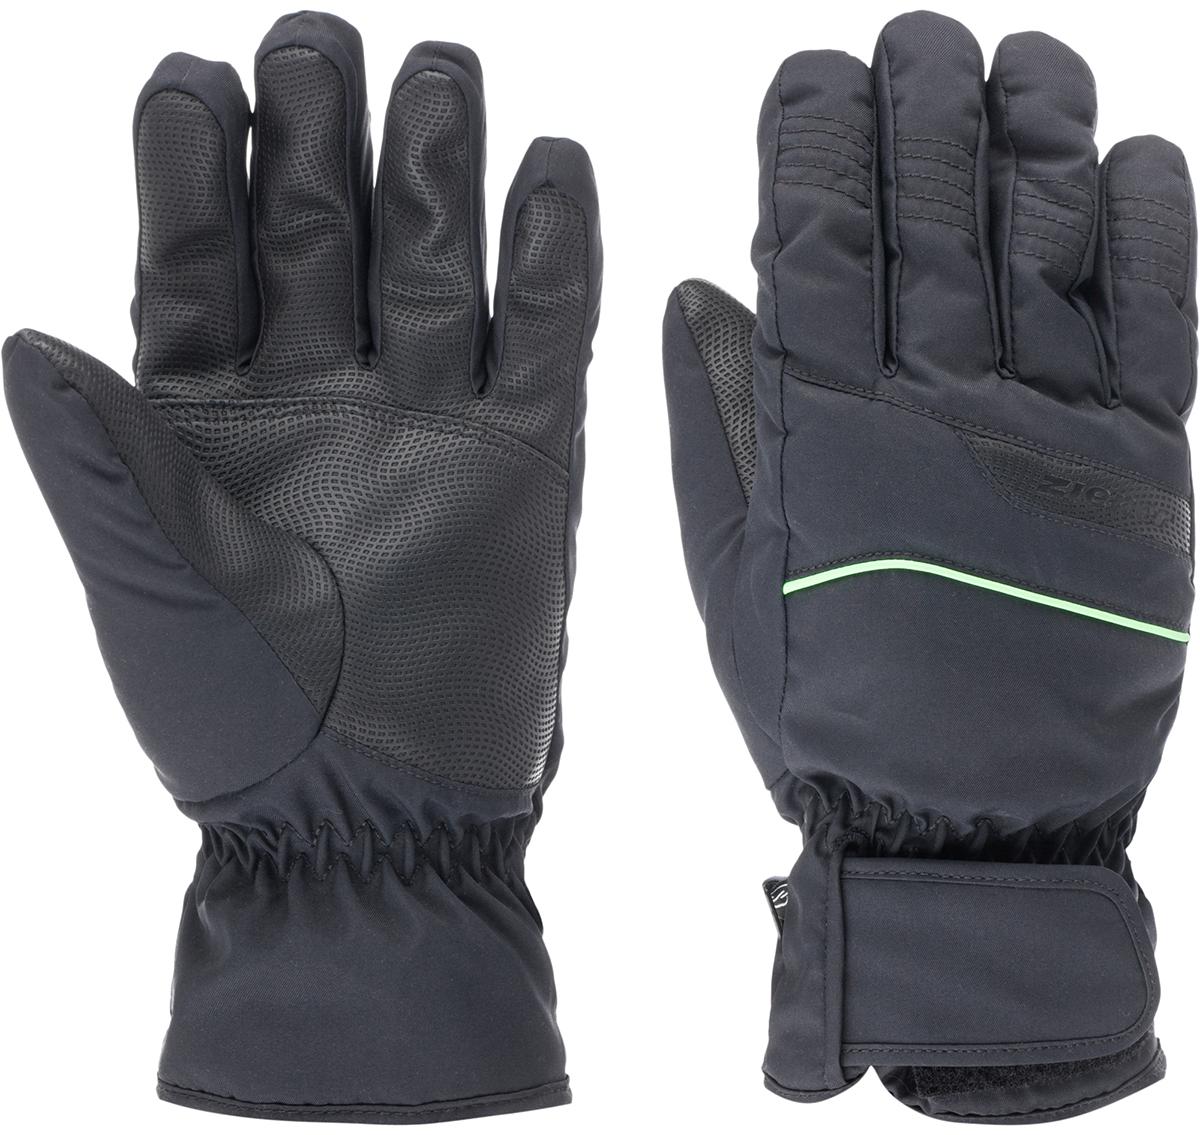 Перчатки мужские Ziener Galdar Sm Glove Ski Alpine, цвет: черный. 150047-12785. Размер 10,5150047-12785Горнолыжные перчатки классической формы. Стандартный спортивный крой, эргономичная манжета, средней толщины утеплитель, в совокупности, обеспечивают комфортные условия в использования изделия. Специальная застежка на манжете позволяет плотно фиксировать перчатку. Технология обеспечивает максимальный комфорт и свободу движения.